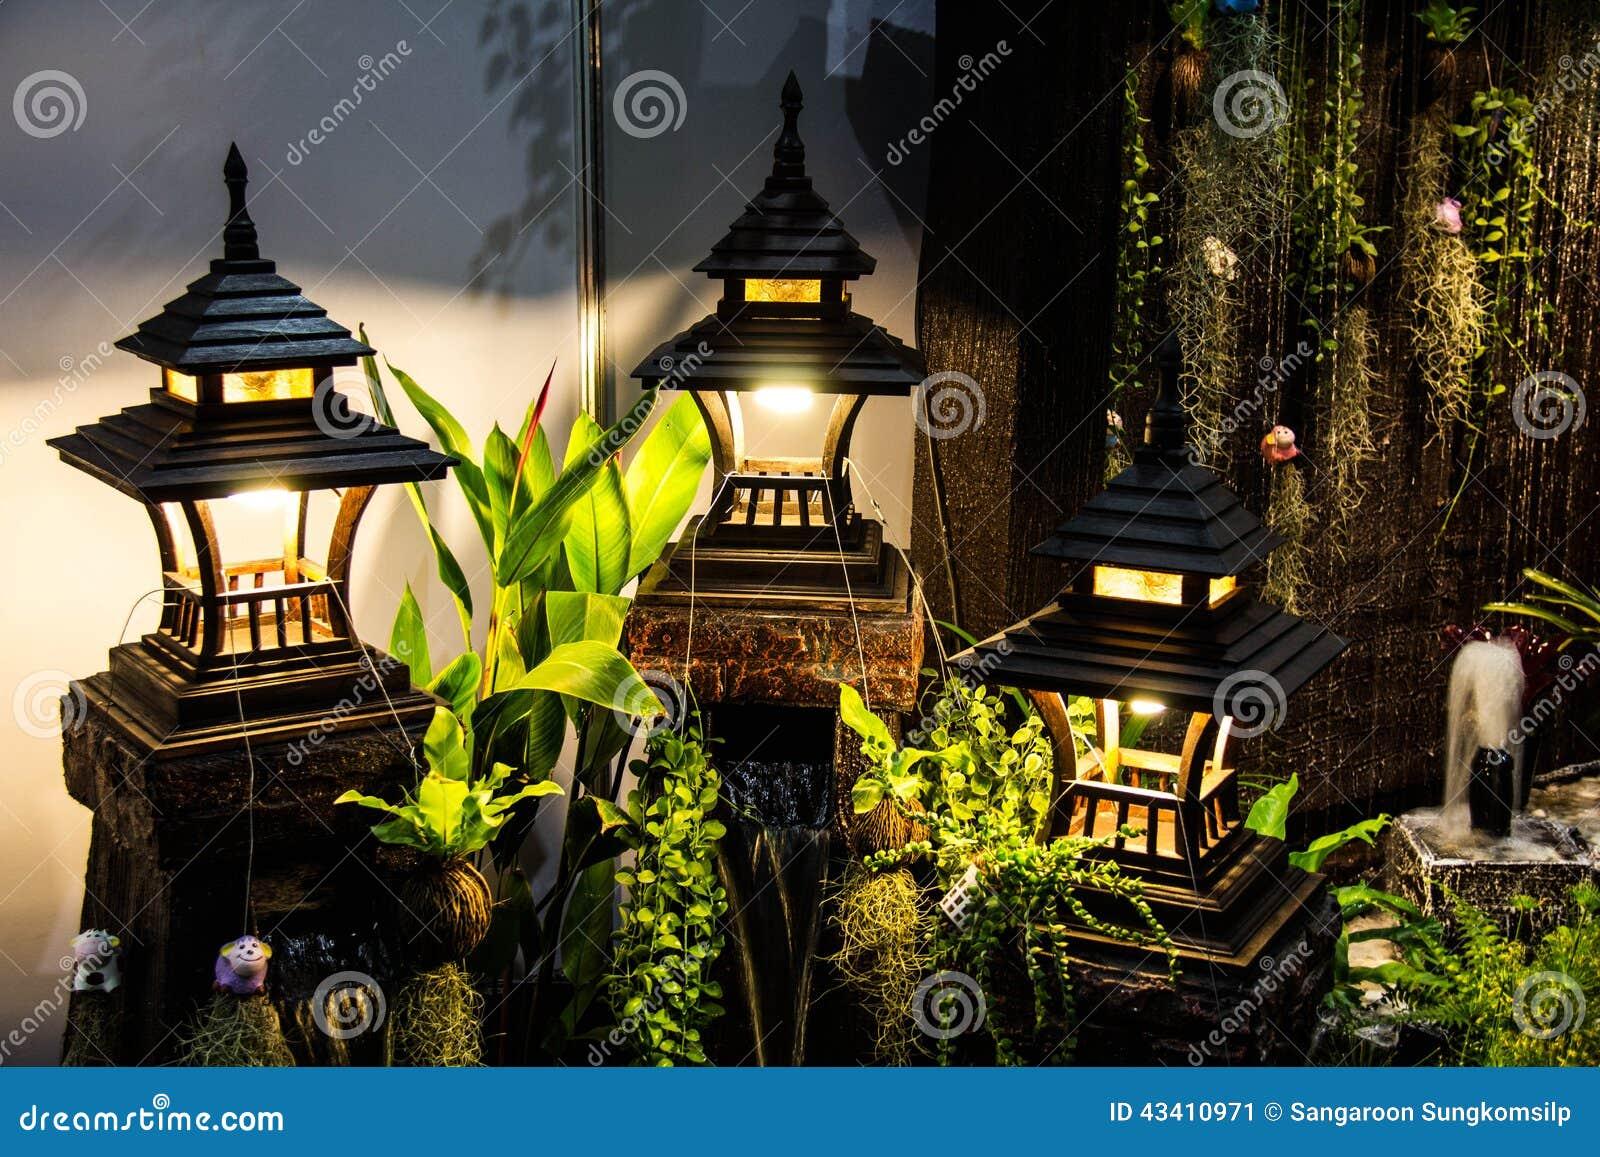 Lâmpada para a decoração do jardim